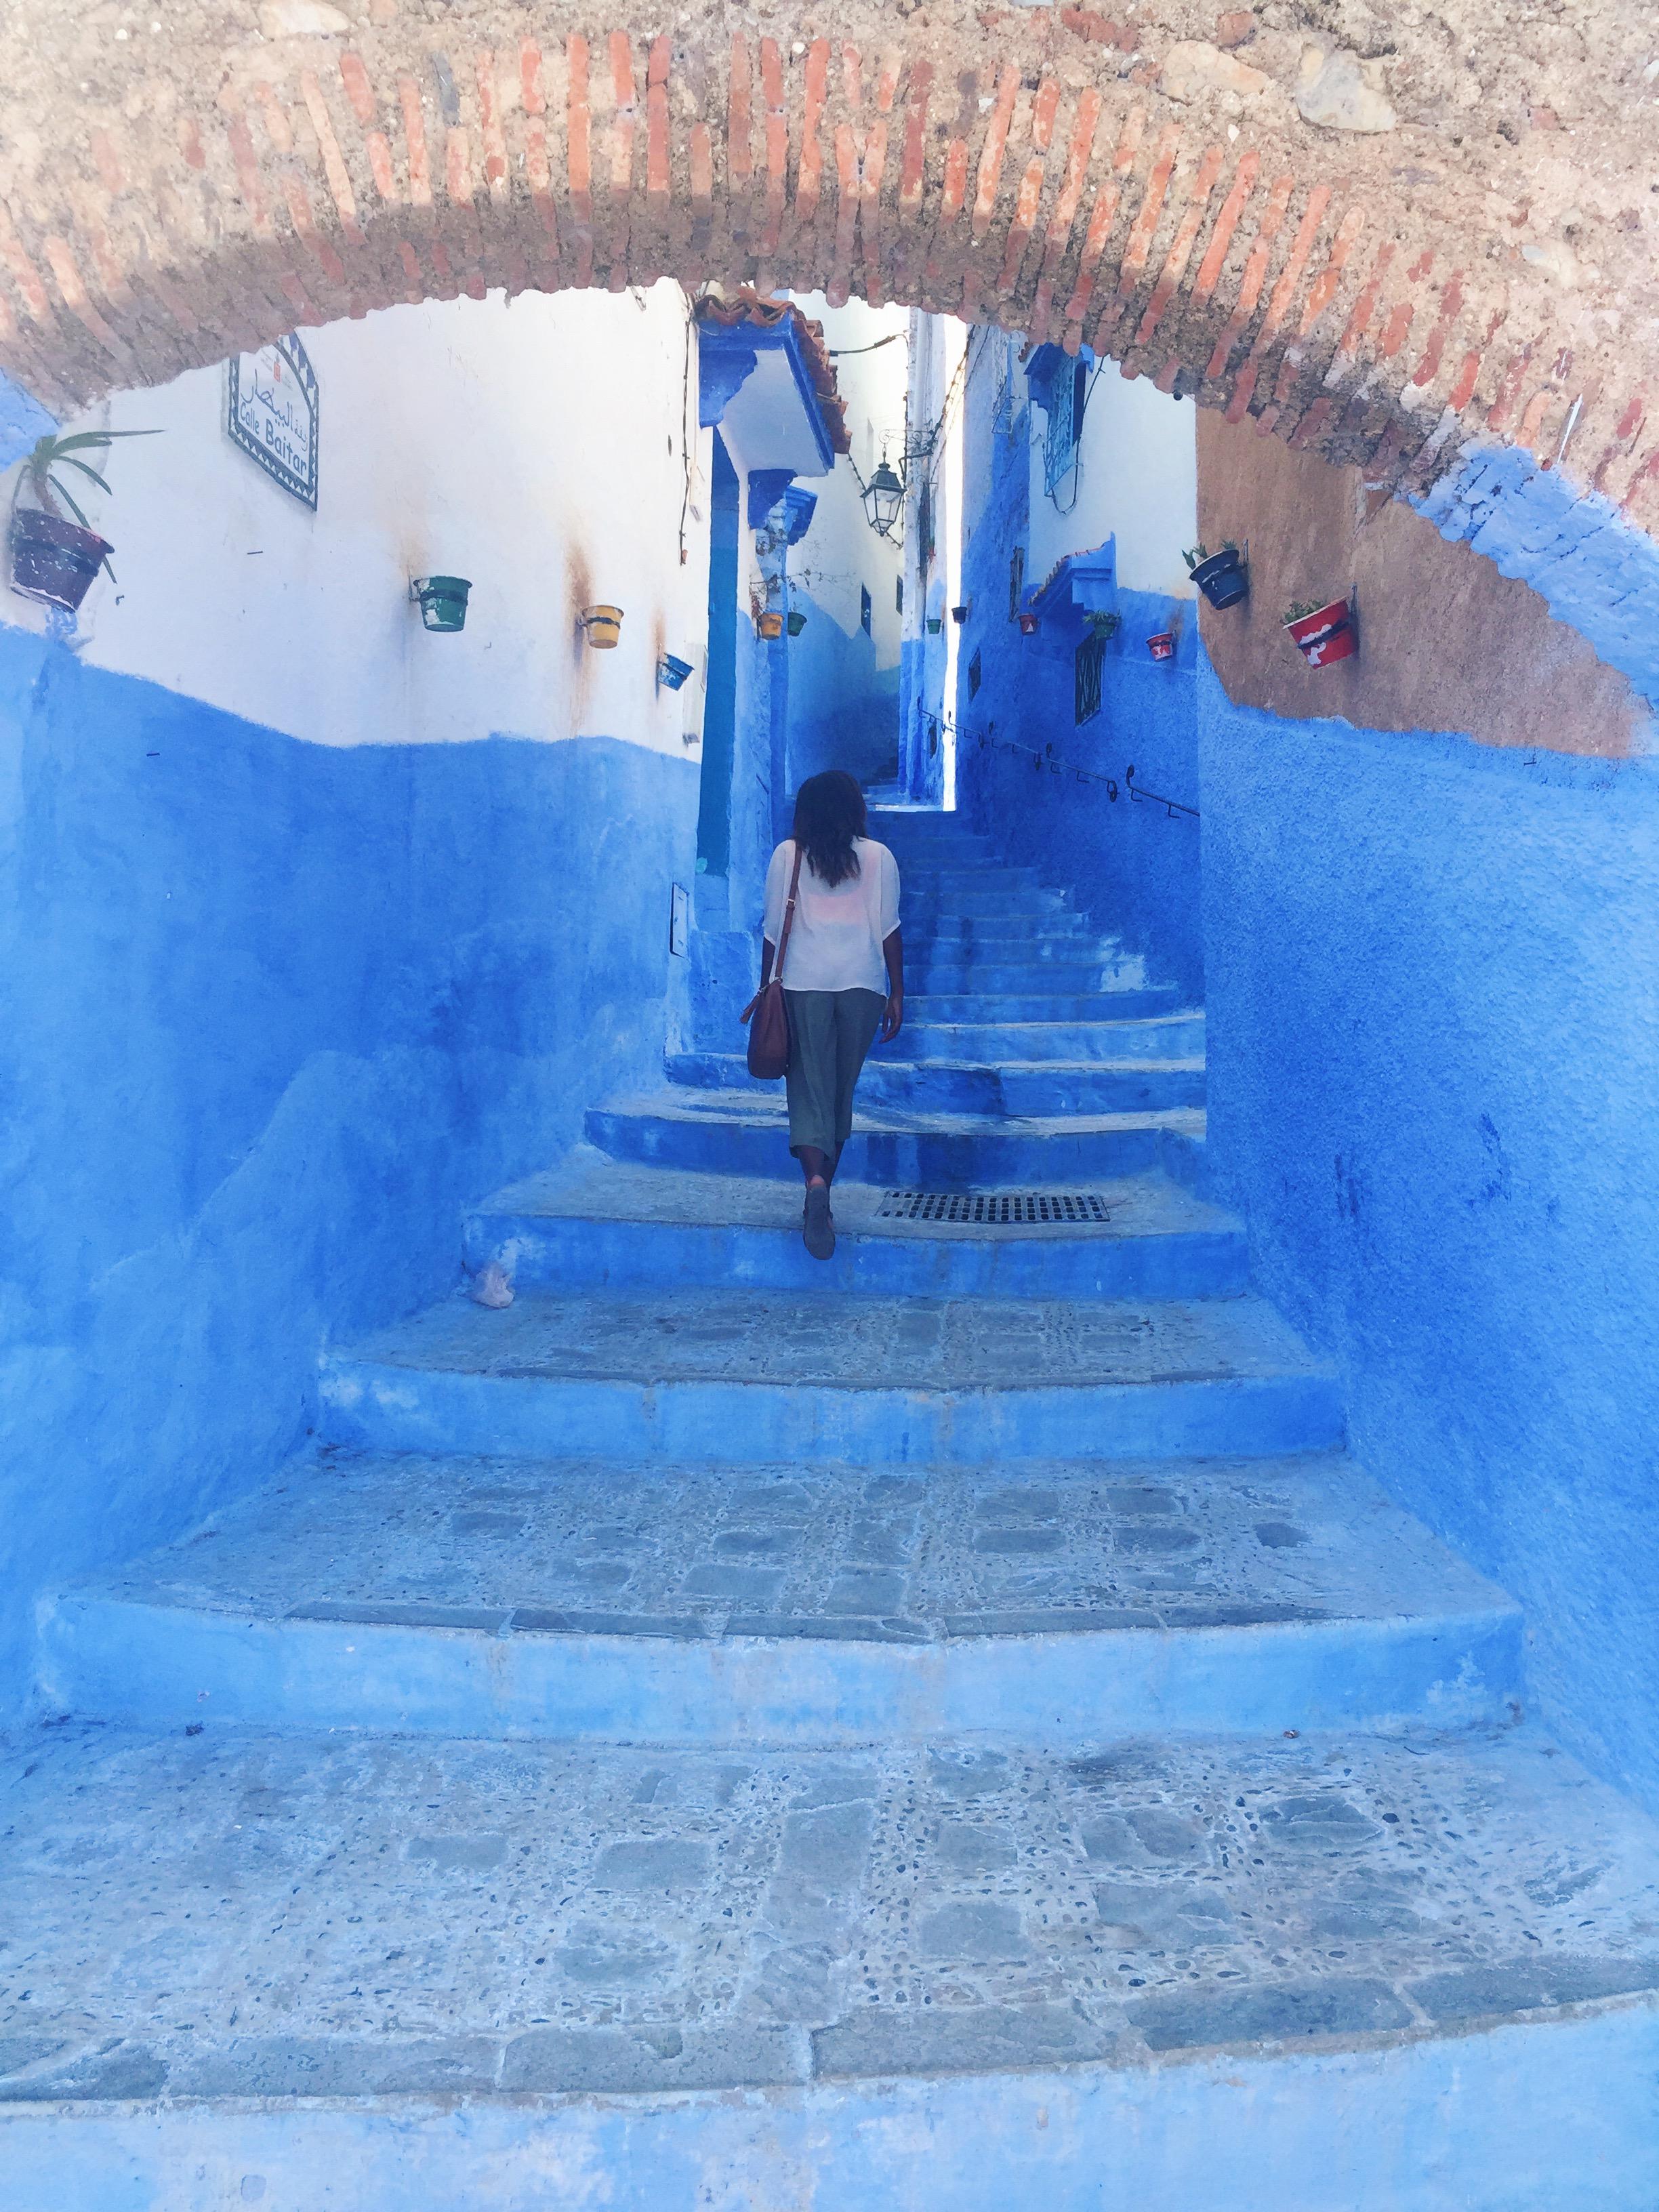 Chefchaouen (Blue City)